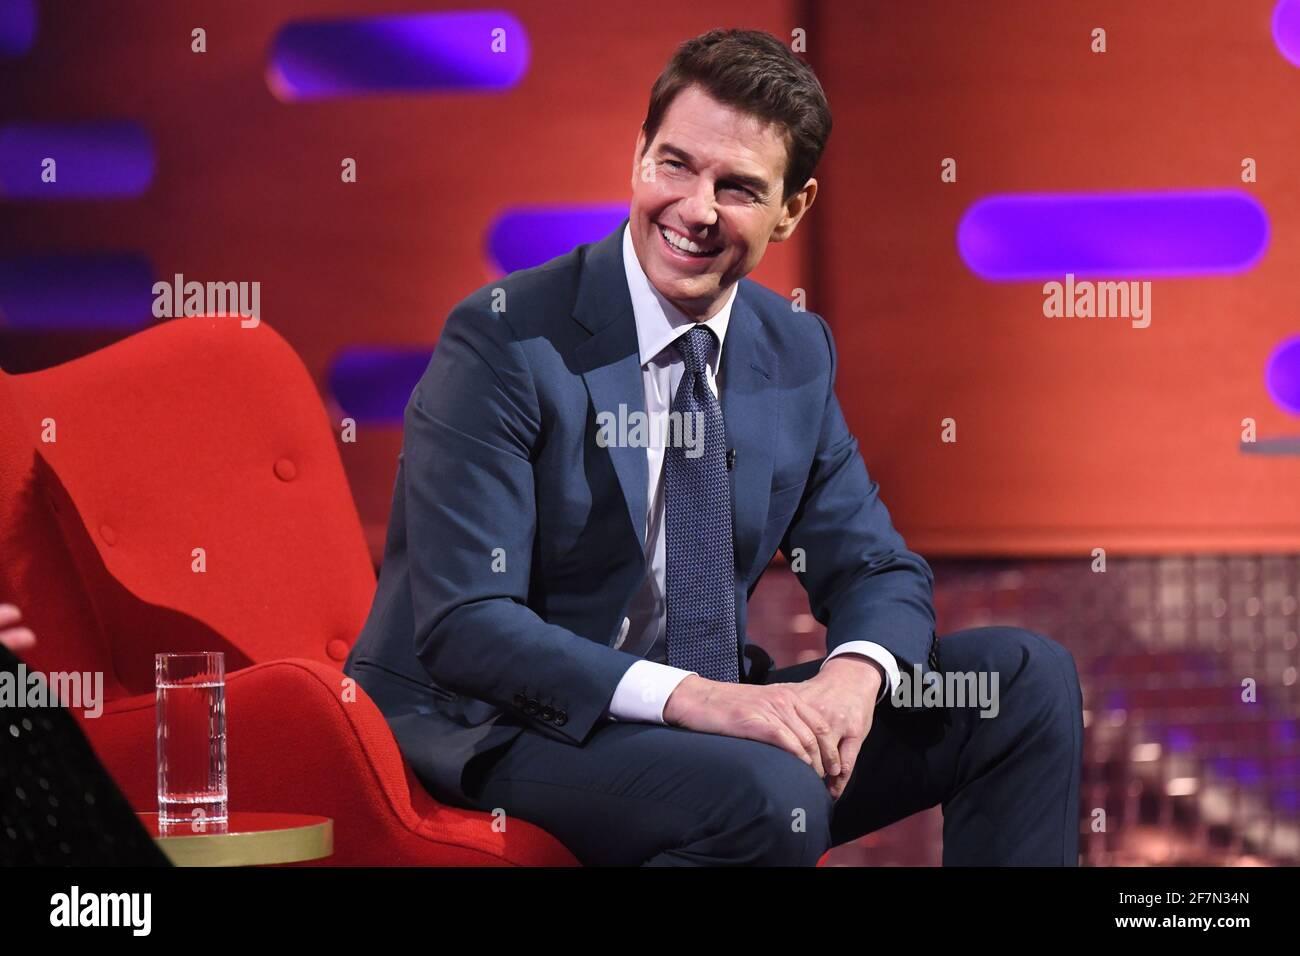 USAGE ÉDITORIAL SEULEMENT Tom Cruise pendant le tournage du Graham Norton Show à BBC Studioworks 6 Television Center, Wood Lane, Londres, devant être diffusé sur BBC One vendredi soir. Banque D'Images